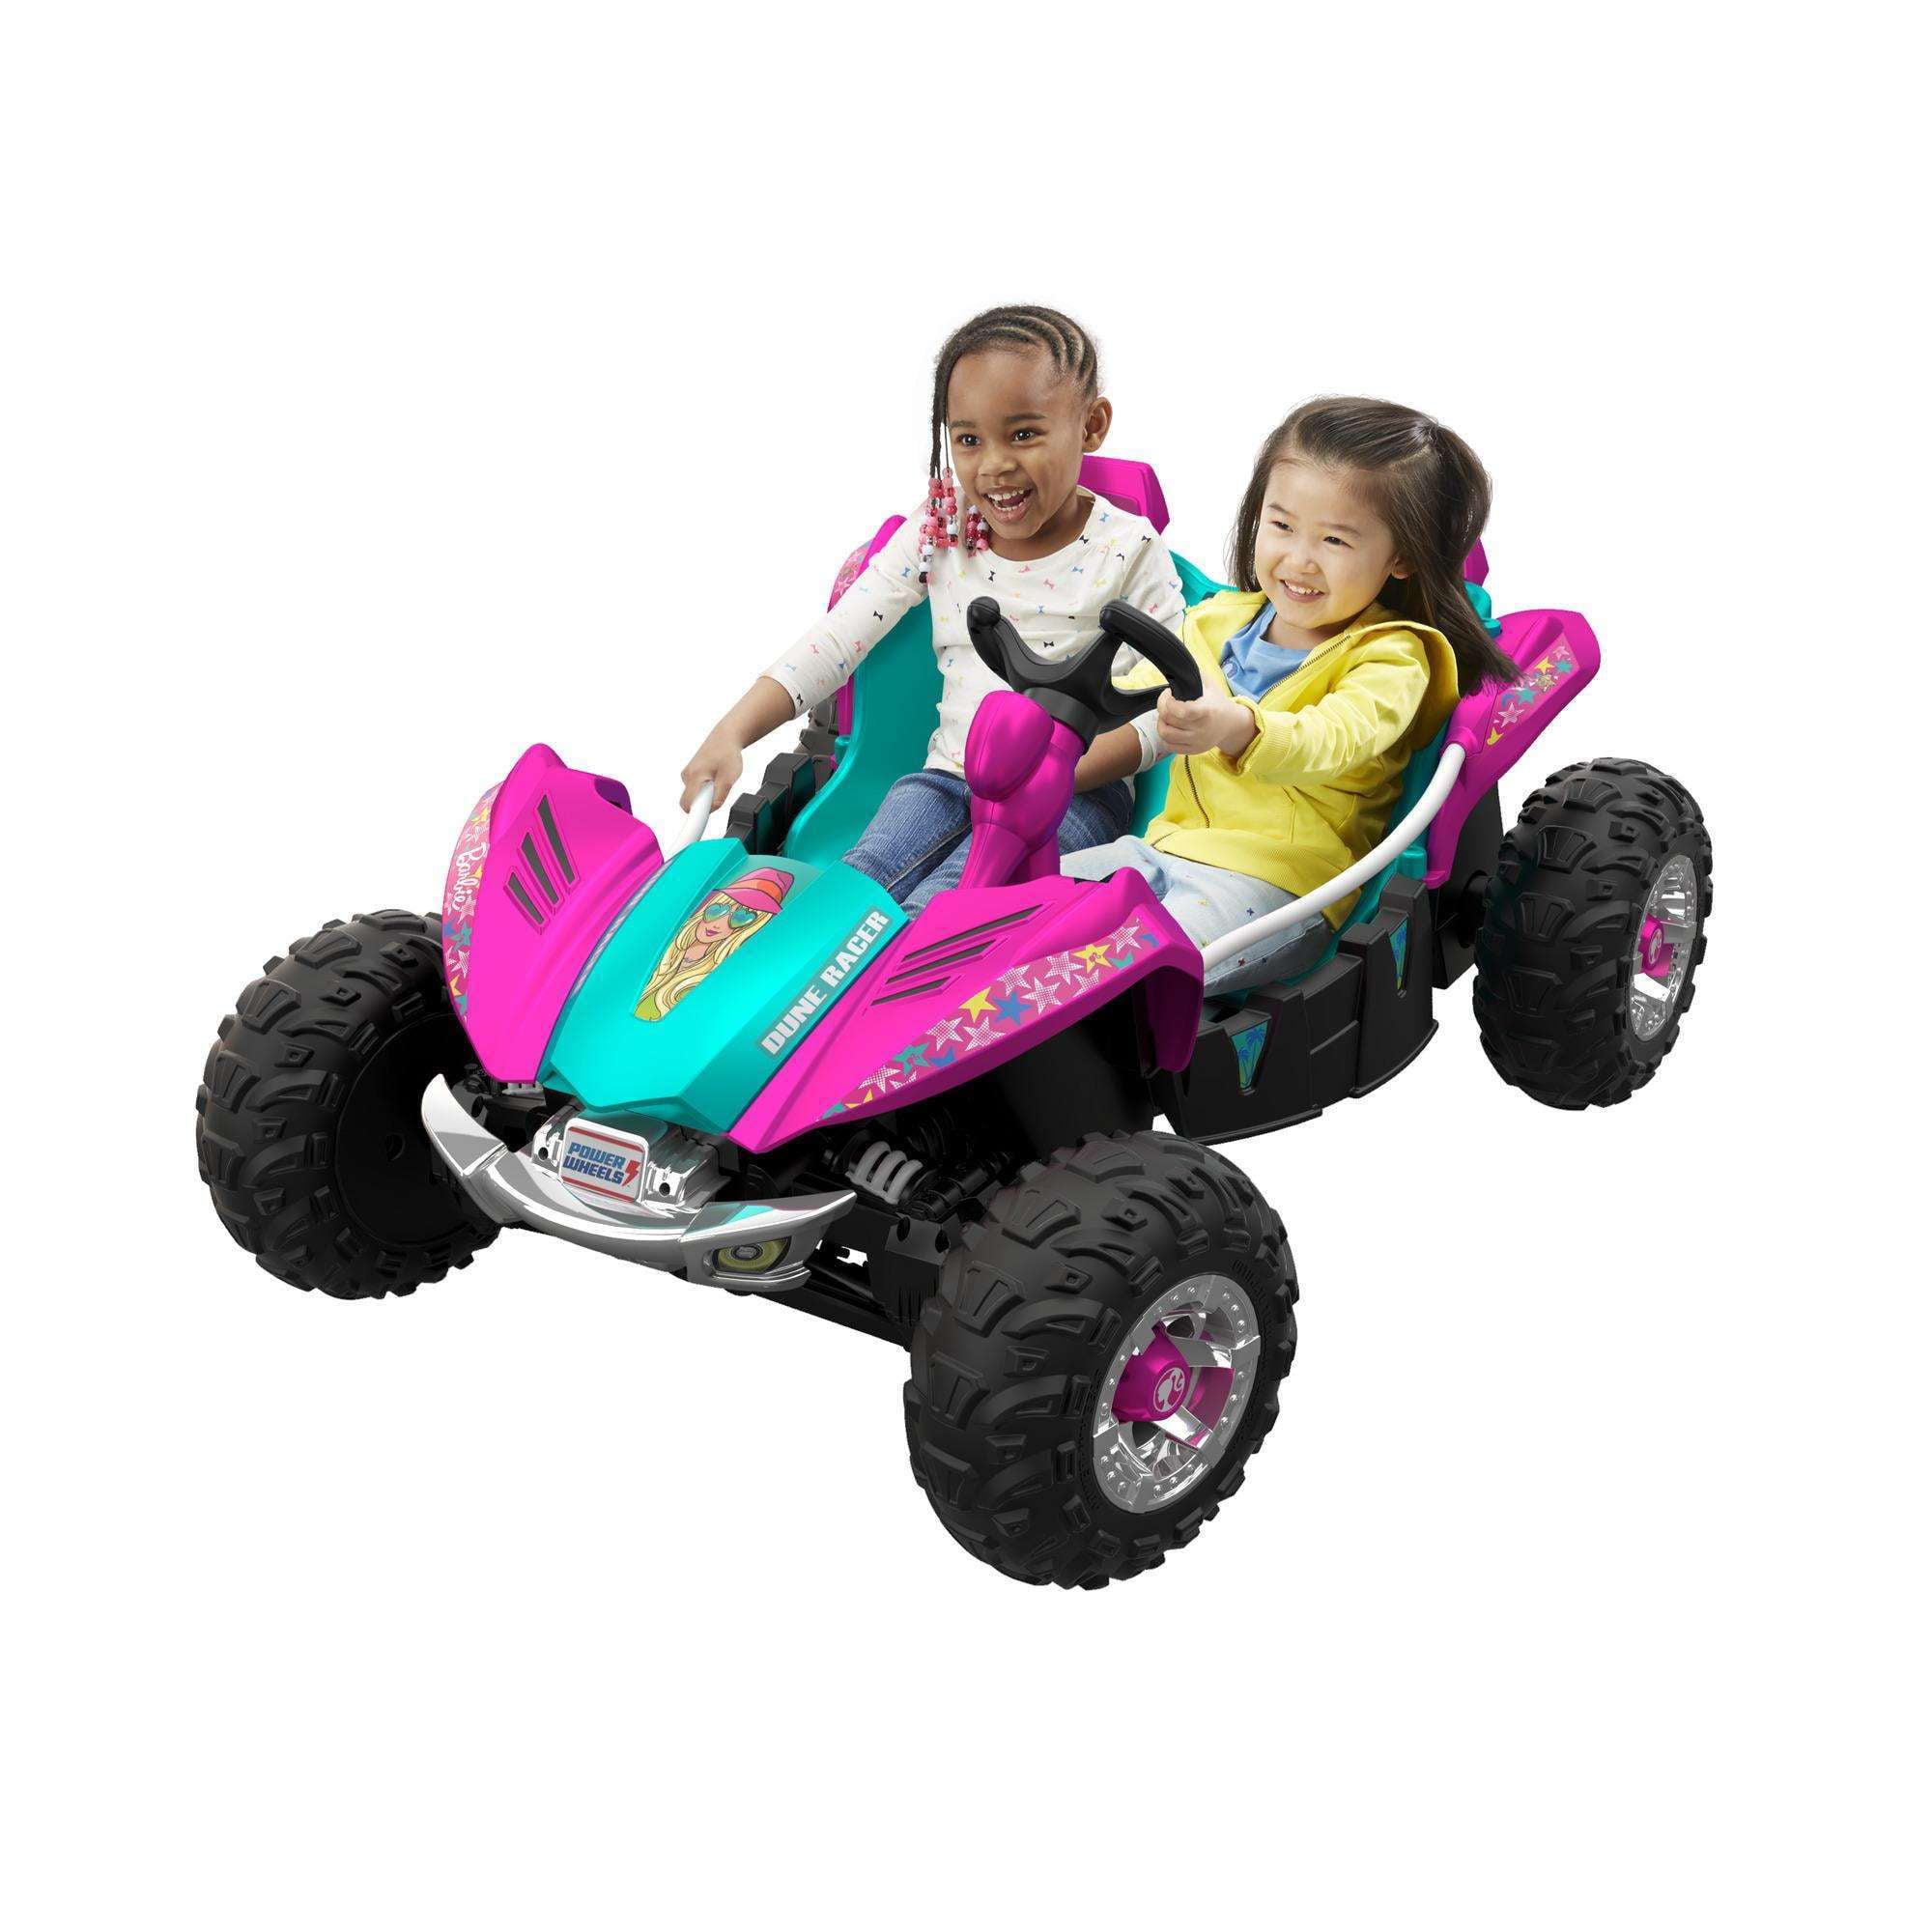 Power Wheels Barbie Dune Racer Ride-On Vehicle, Teal & Pink